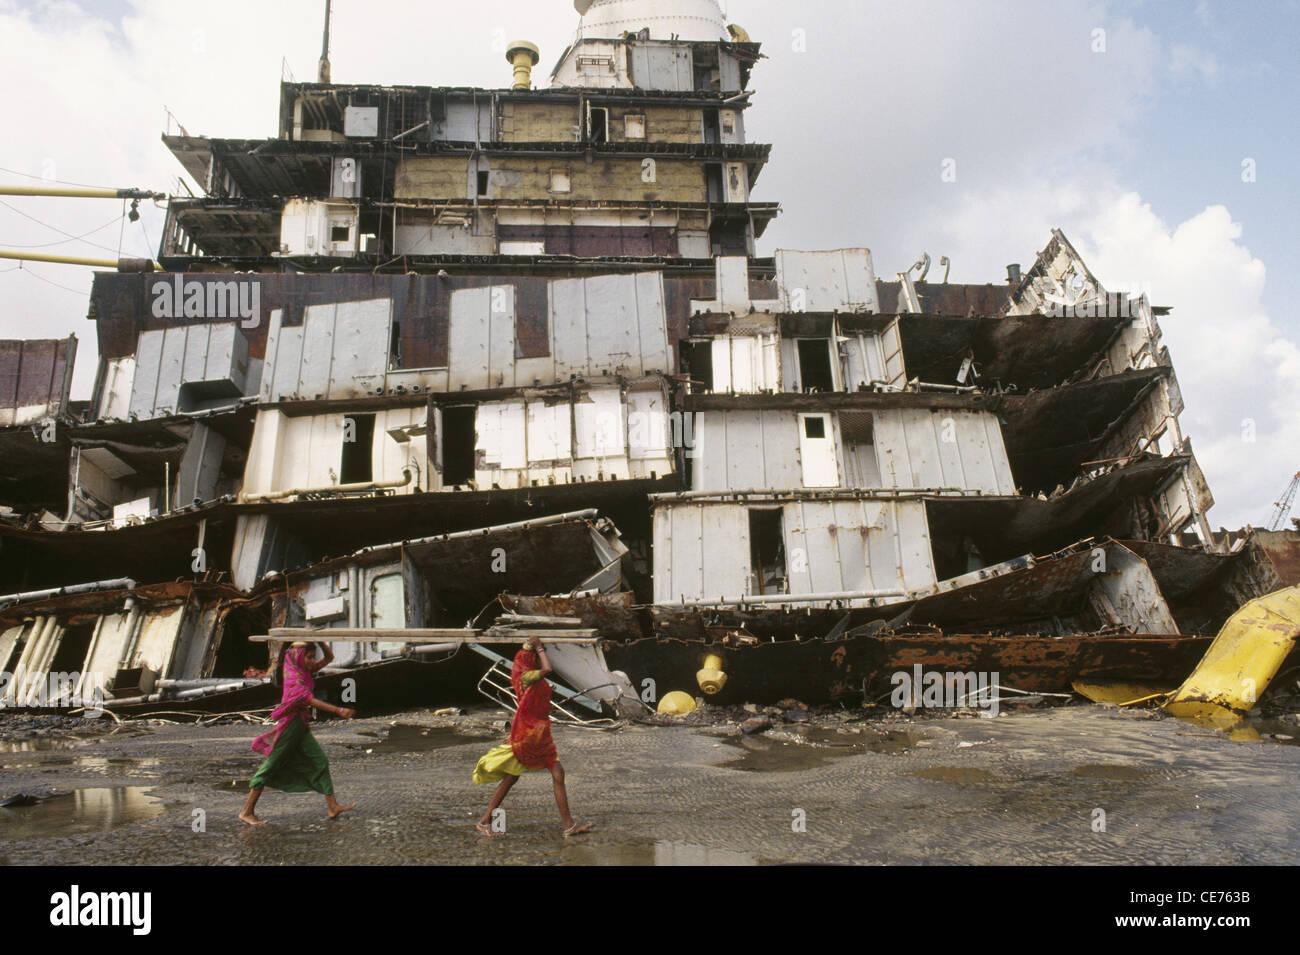 RVA 83128 : broken ship at alang ship breaking yard gujarat india Stock Photo